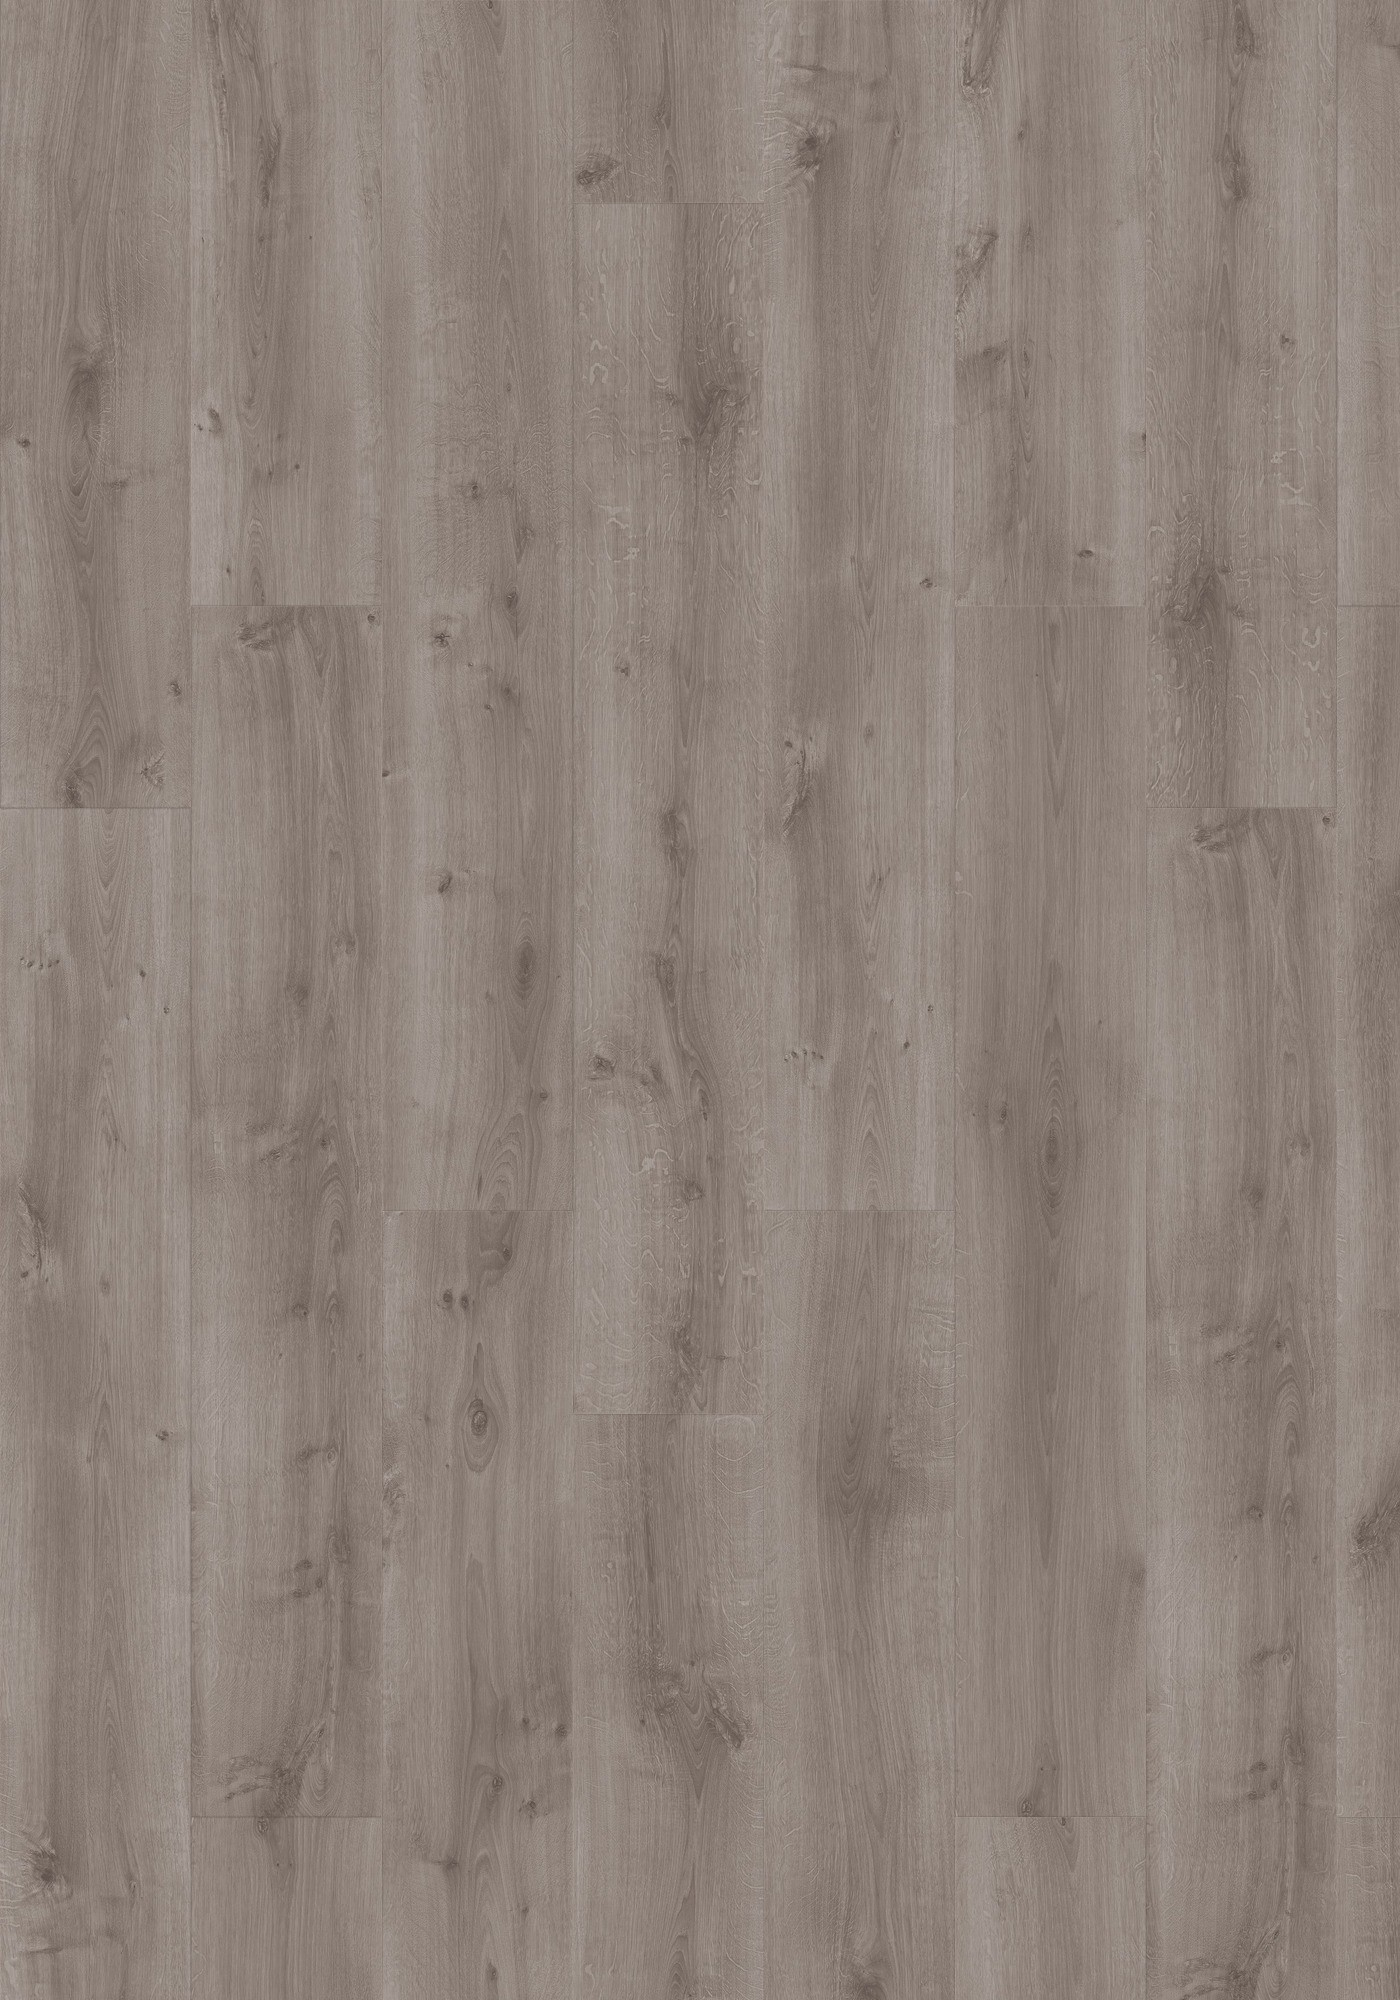 tarkett pvc click vinyl laminaat rustic light grey